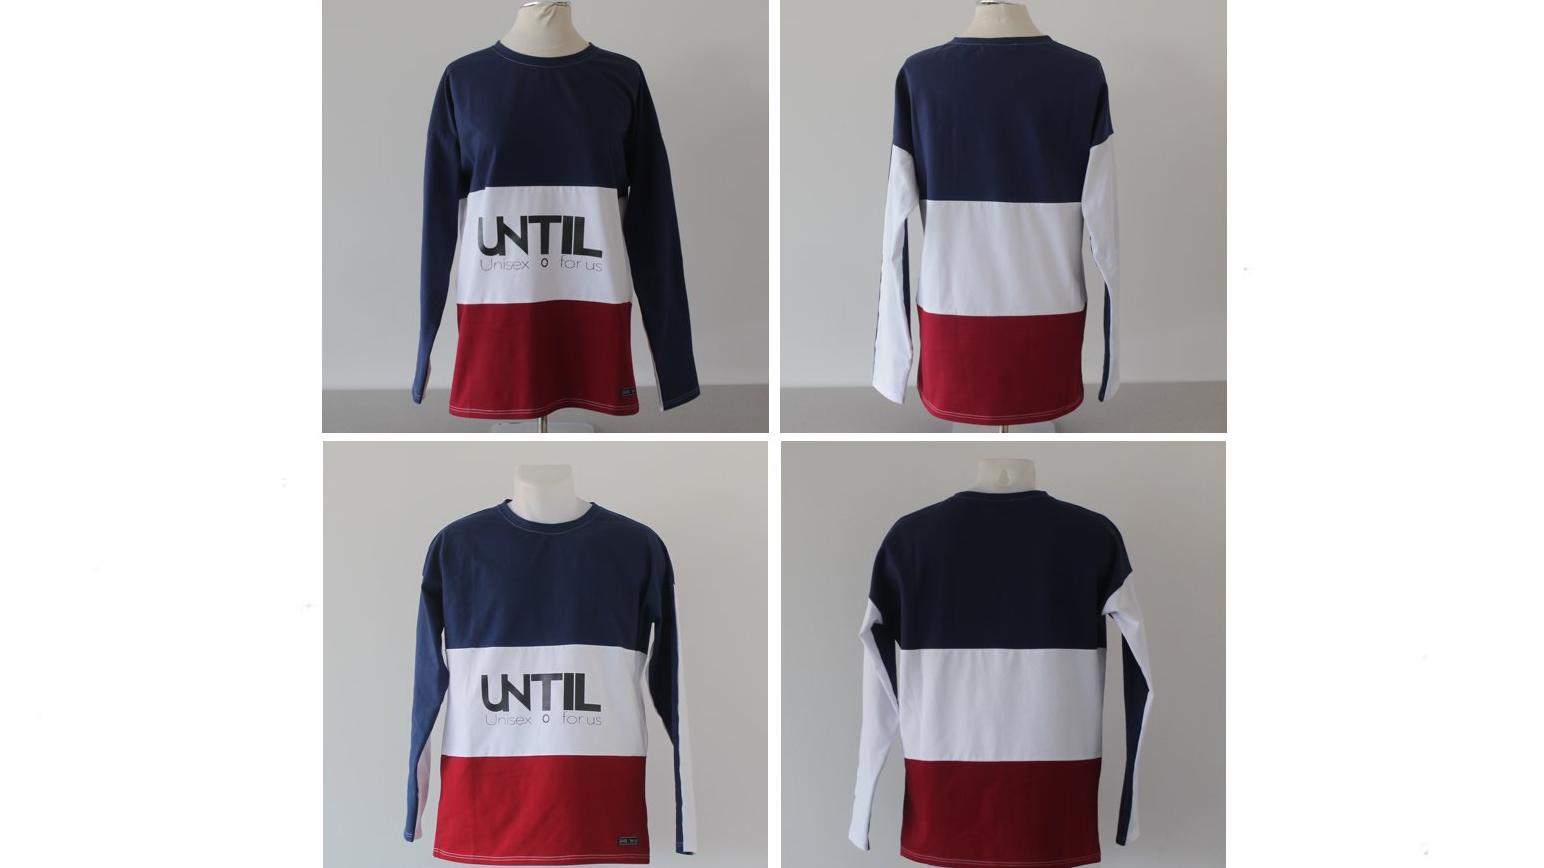 t_shirt_tricolore_sur_mannequin-1523100767.jpeg